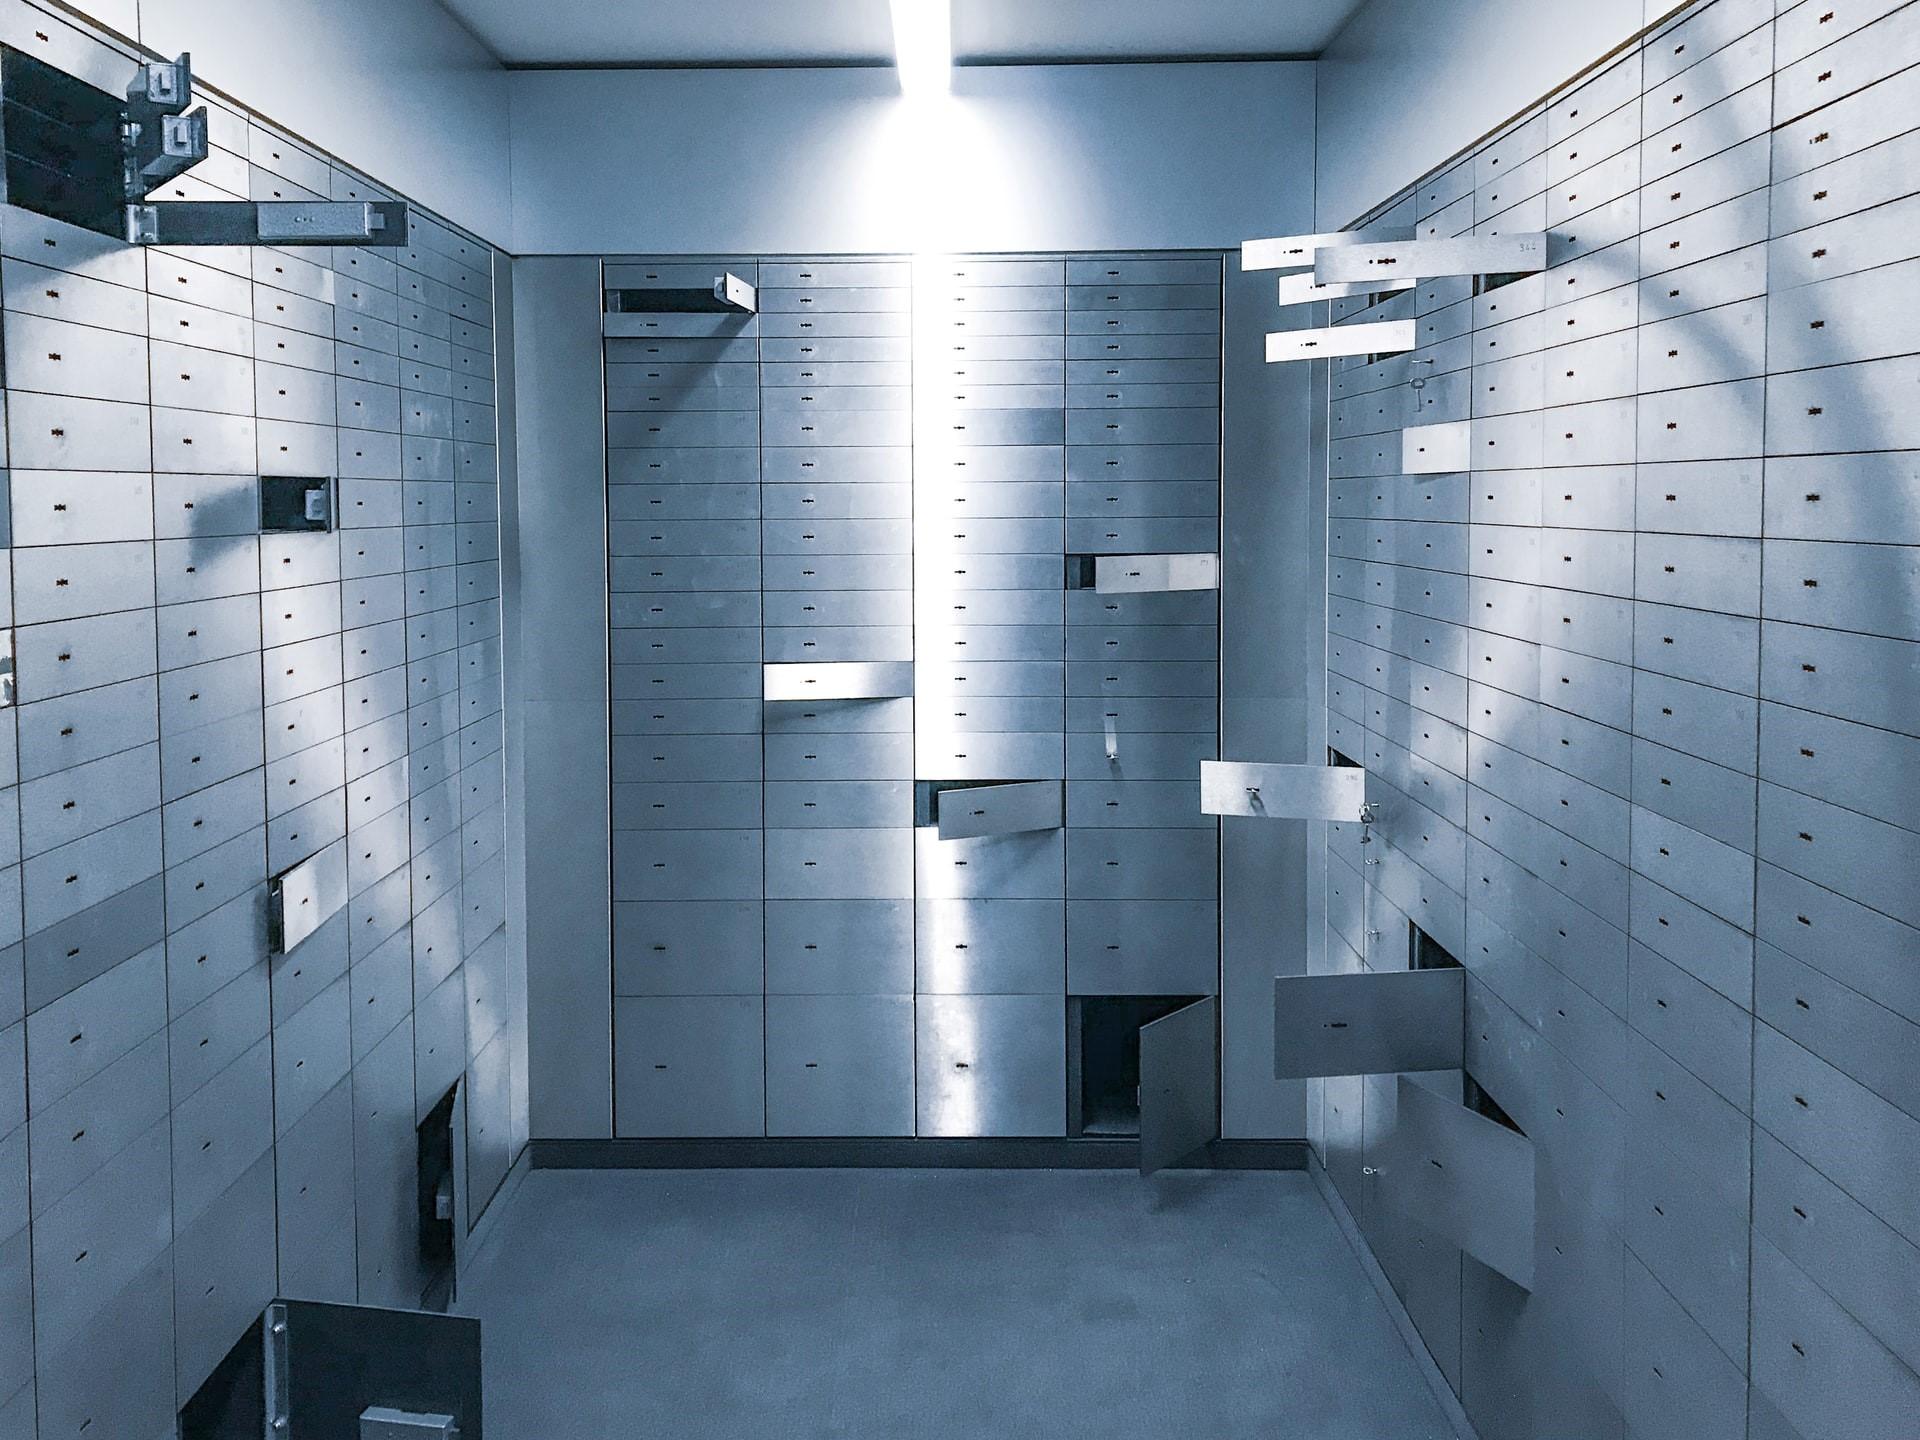 Vault in a bank